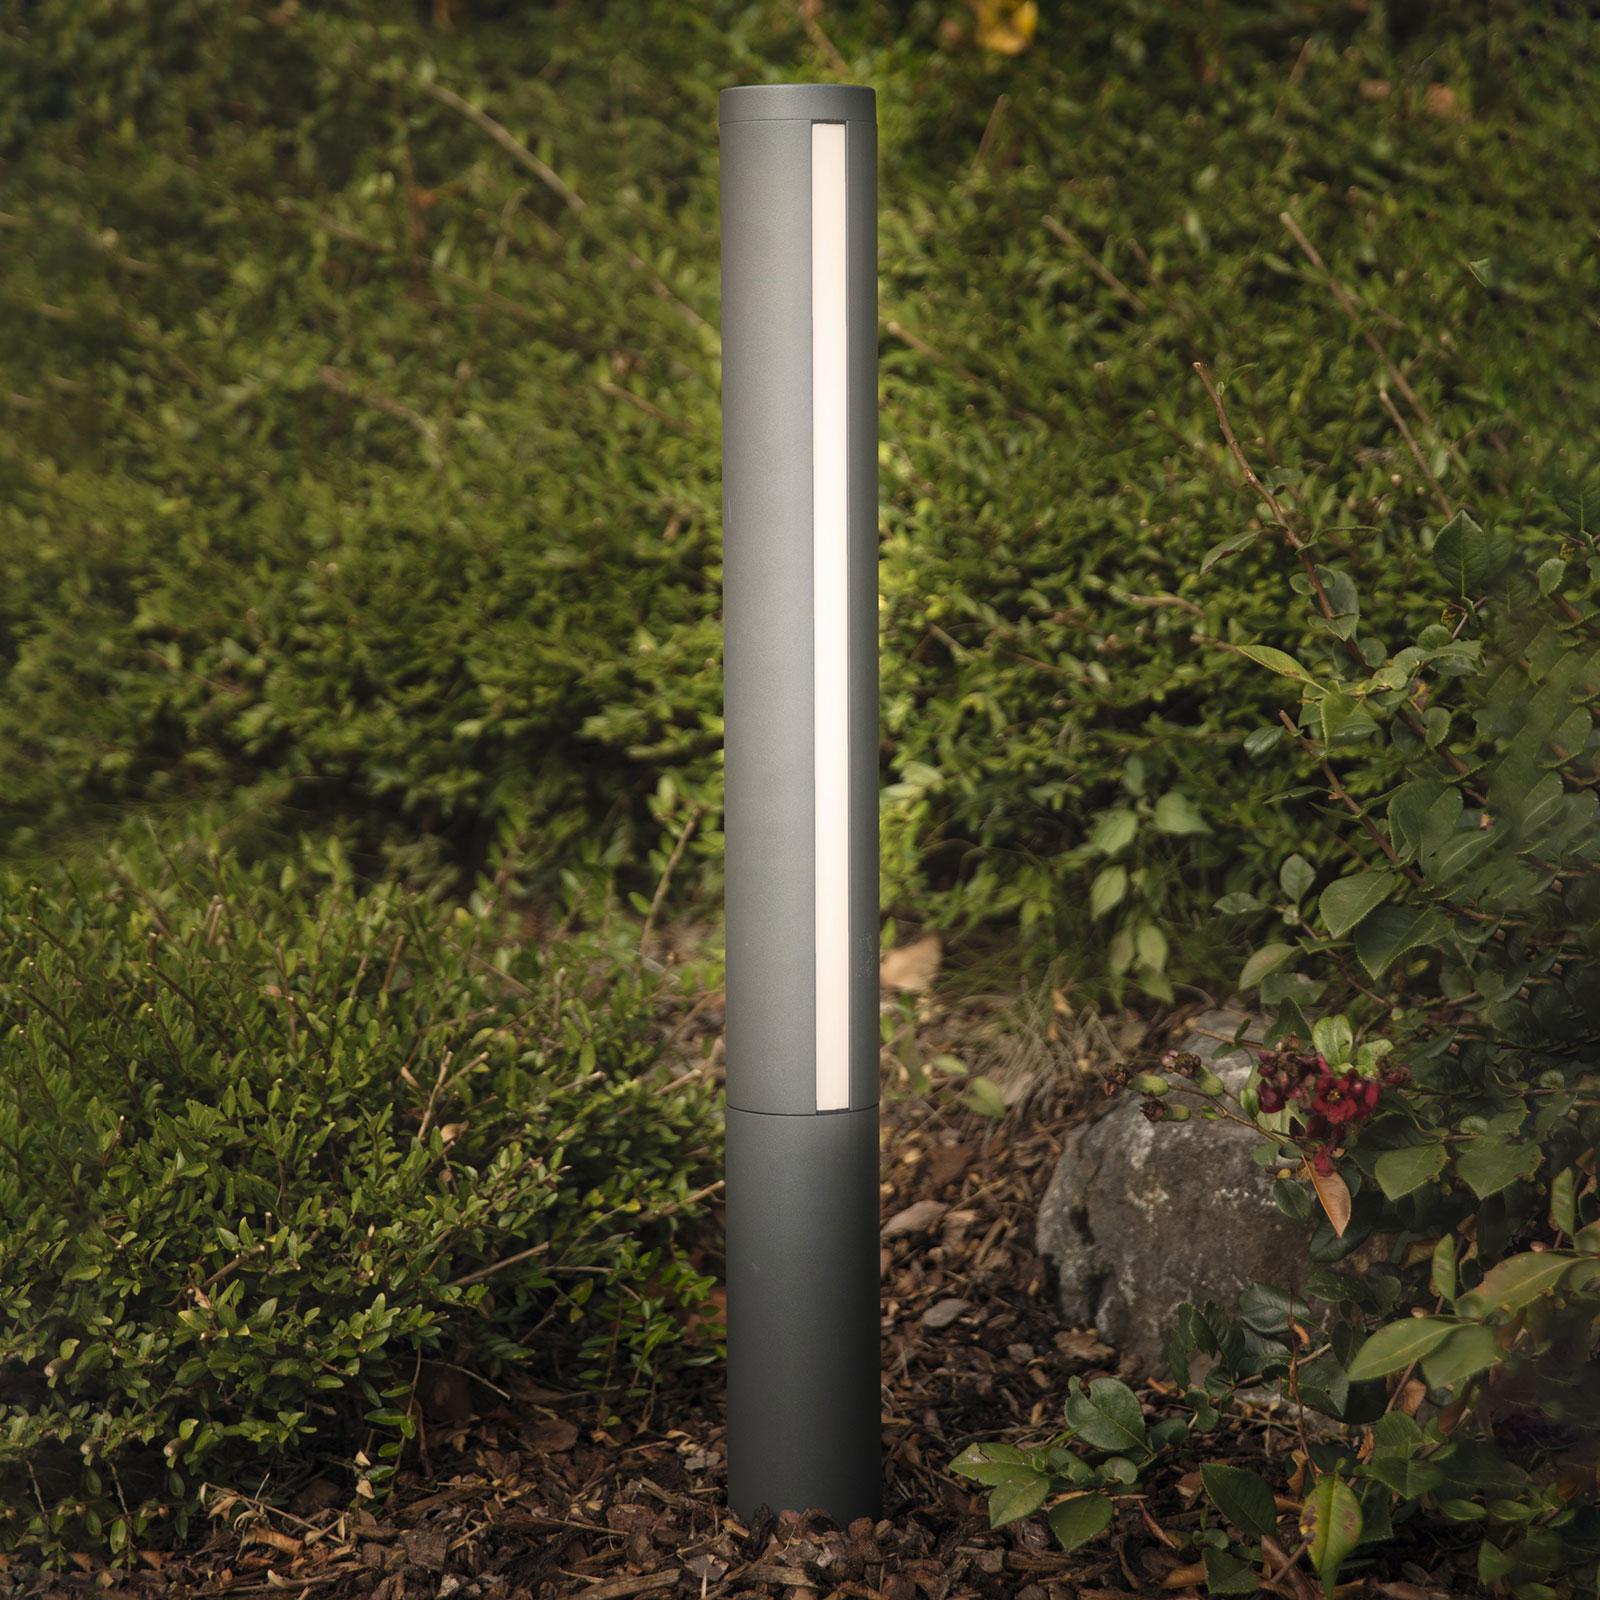 LED-pylväsvalaisin Lilia, korkeus 75 cm